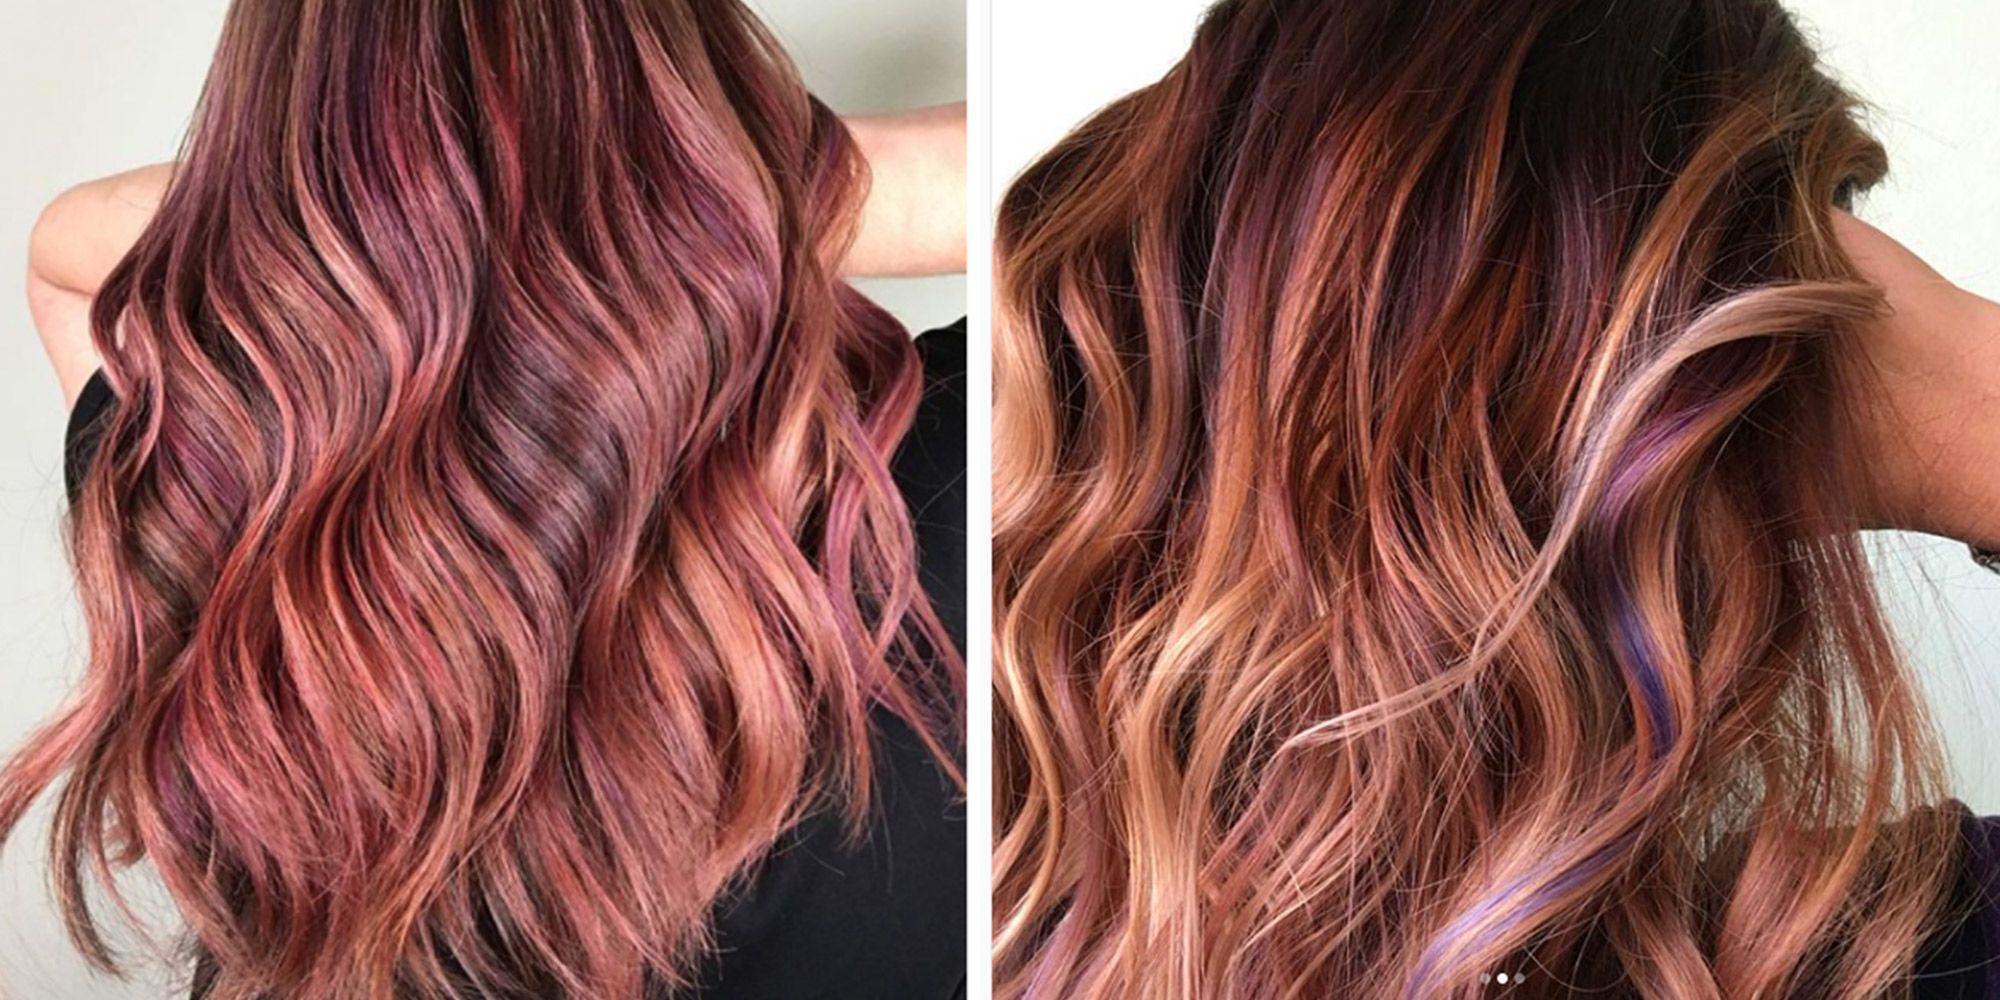 Fruit Juice Hair Is Springs Newest Hair Color Trend Hair Color